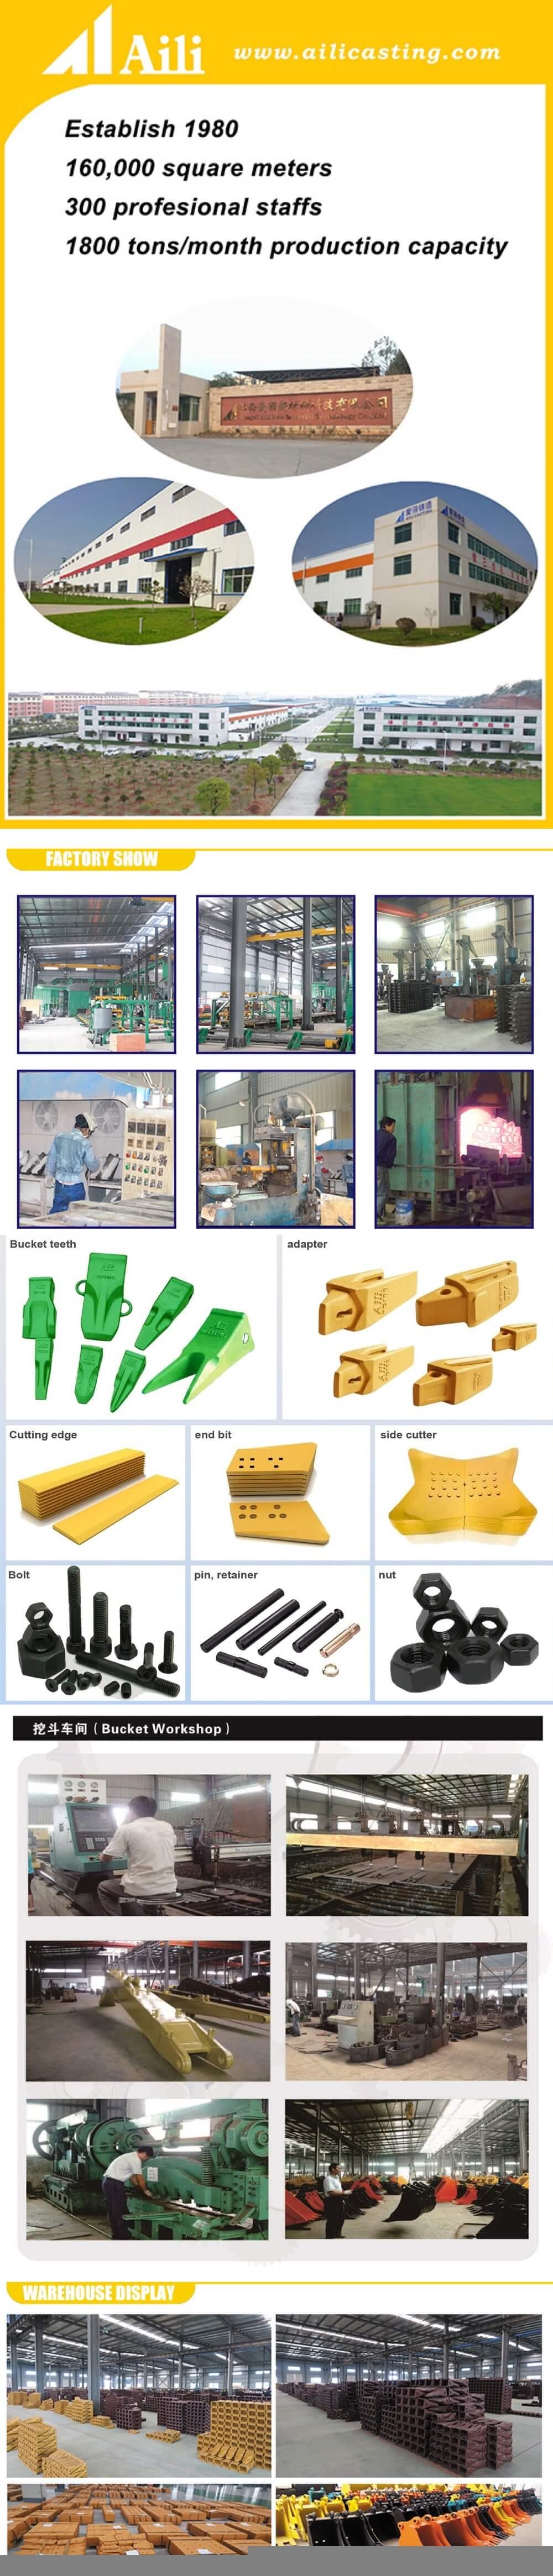 Aili-Company-profile